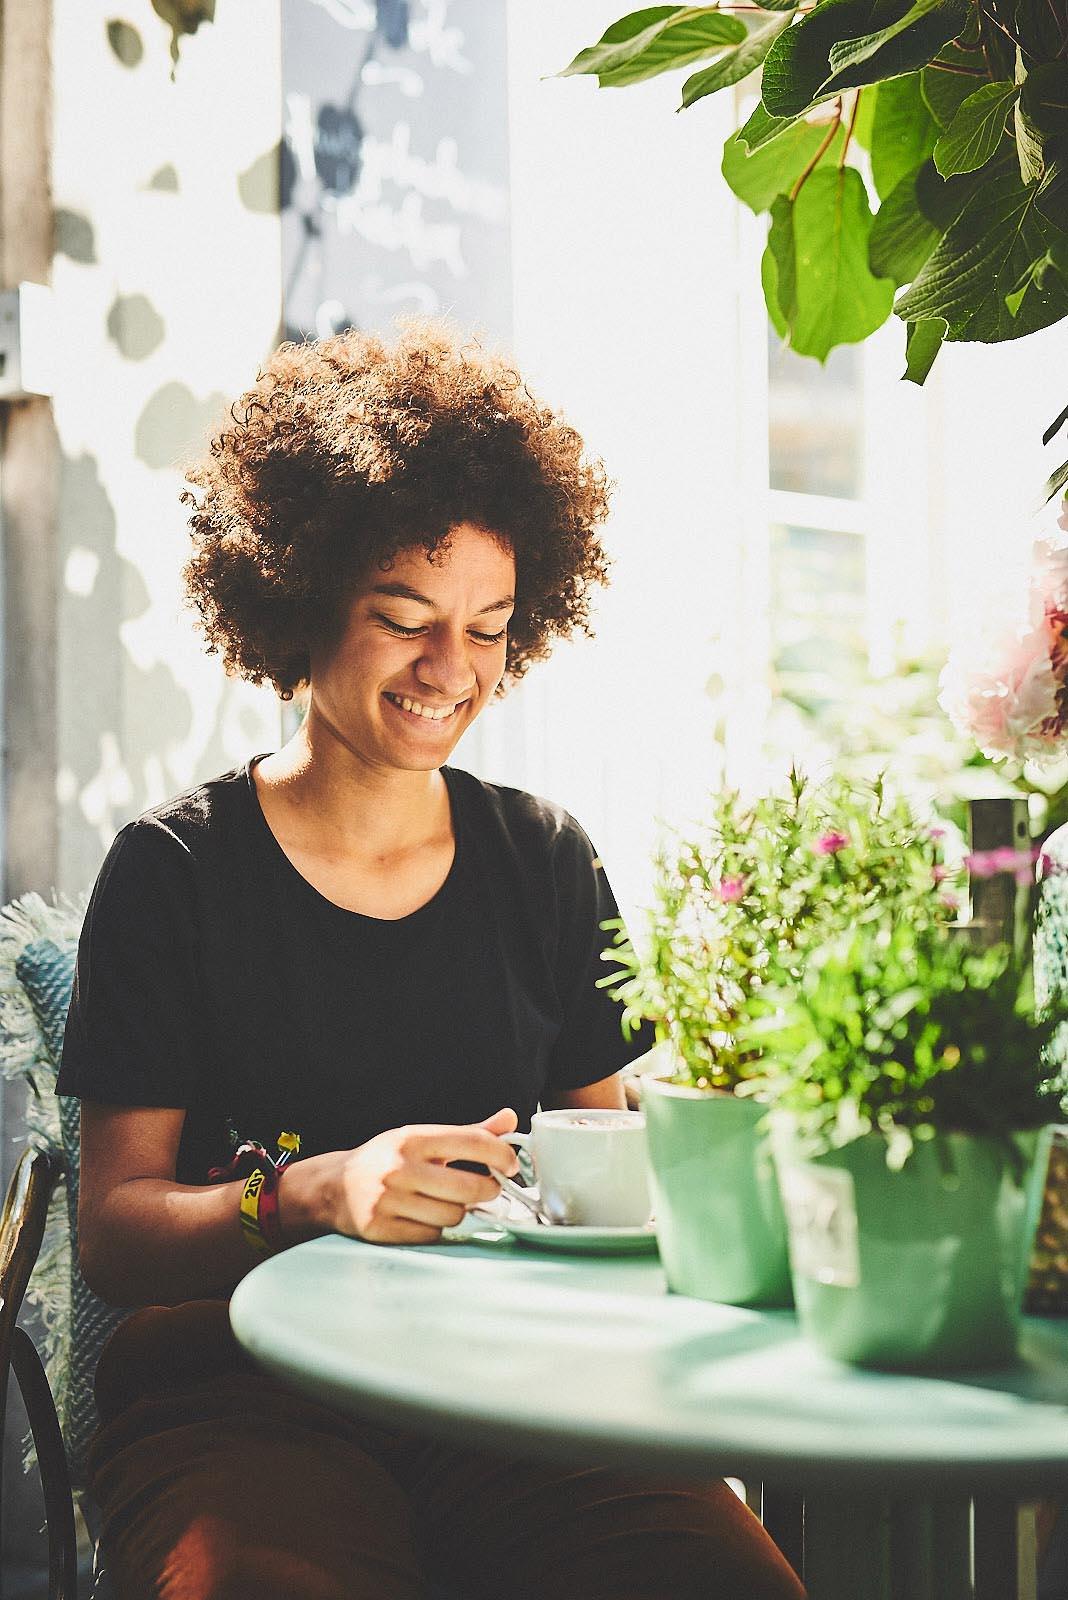 Junge Frau trinkt Kaffee im Cafe Pfefferminzje in Koblenz - Imagefotografie von Anna Schneider neon fotografie